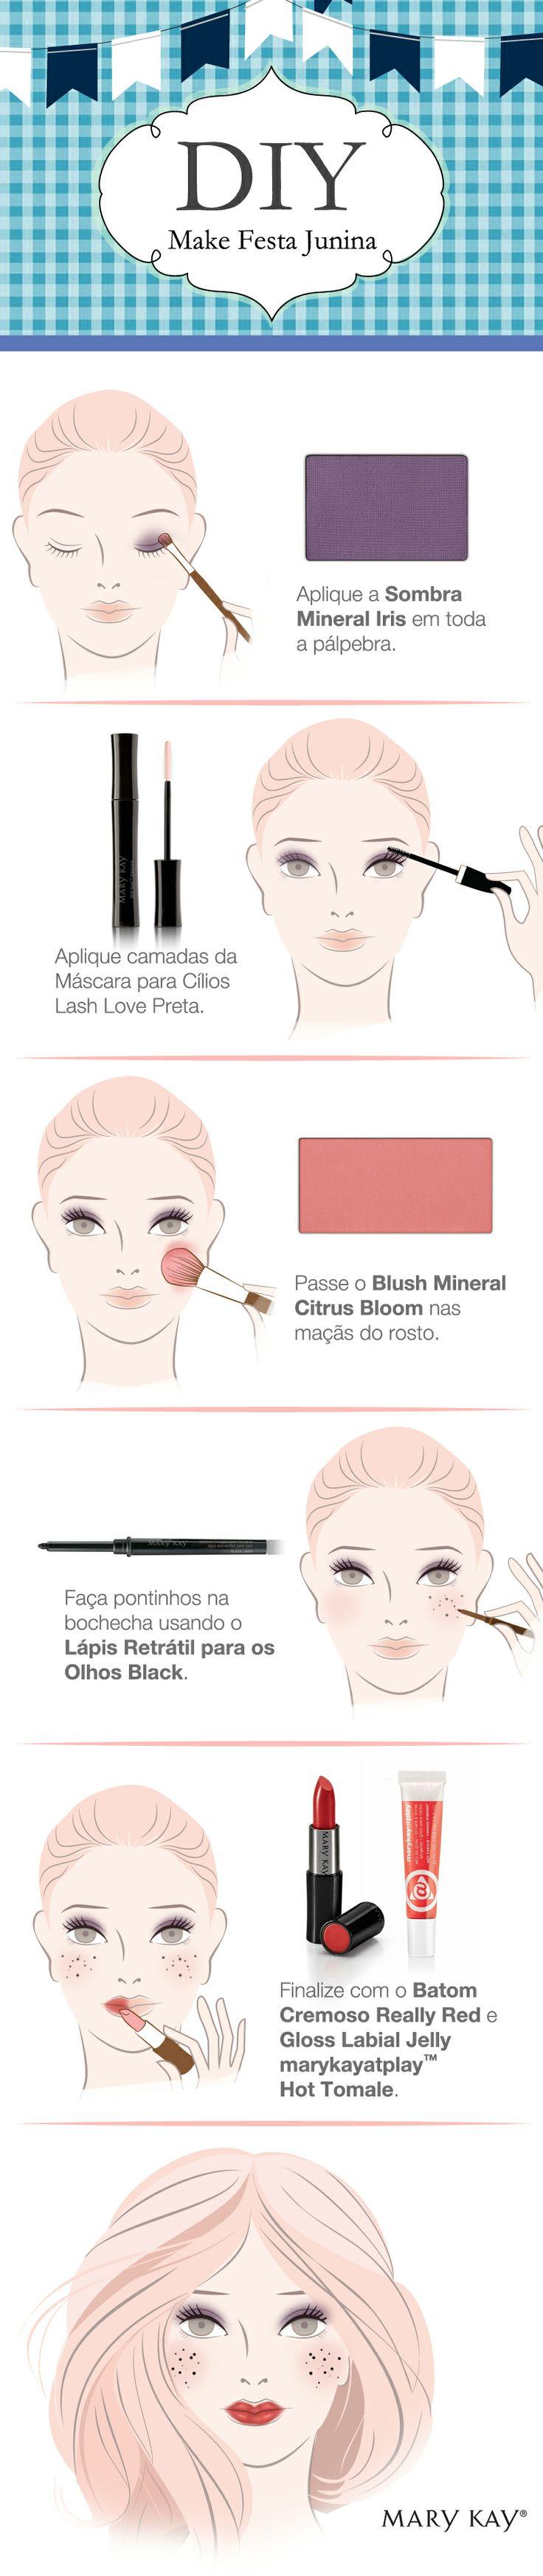 Olha a super dica de como se maquiar para as festas juninas!! Dicas e sugestões para Festas Juninas! Acesse: https://pitacoseachados.wordpress.com #pitacoseachados